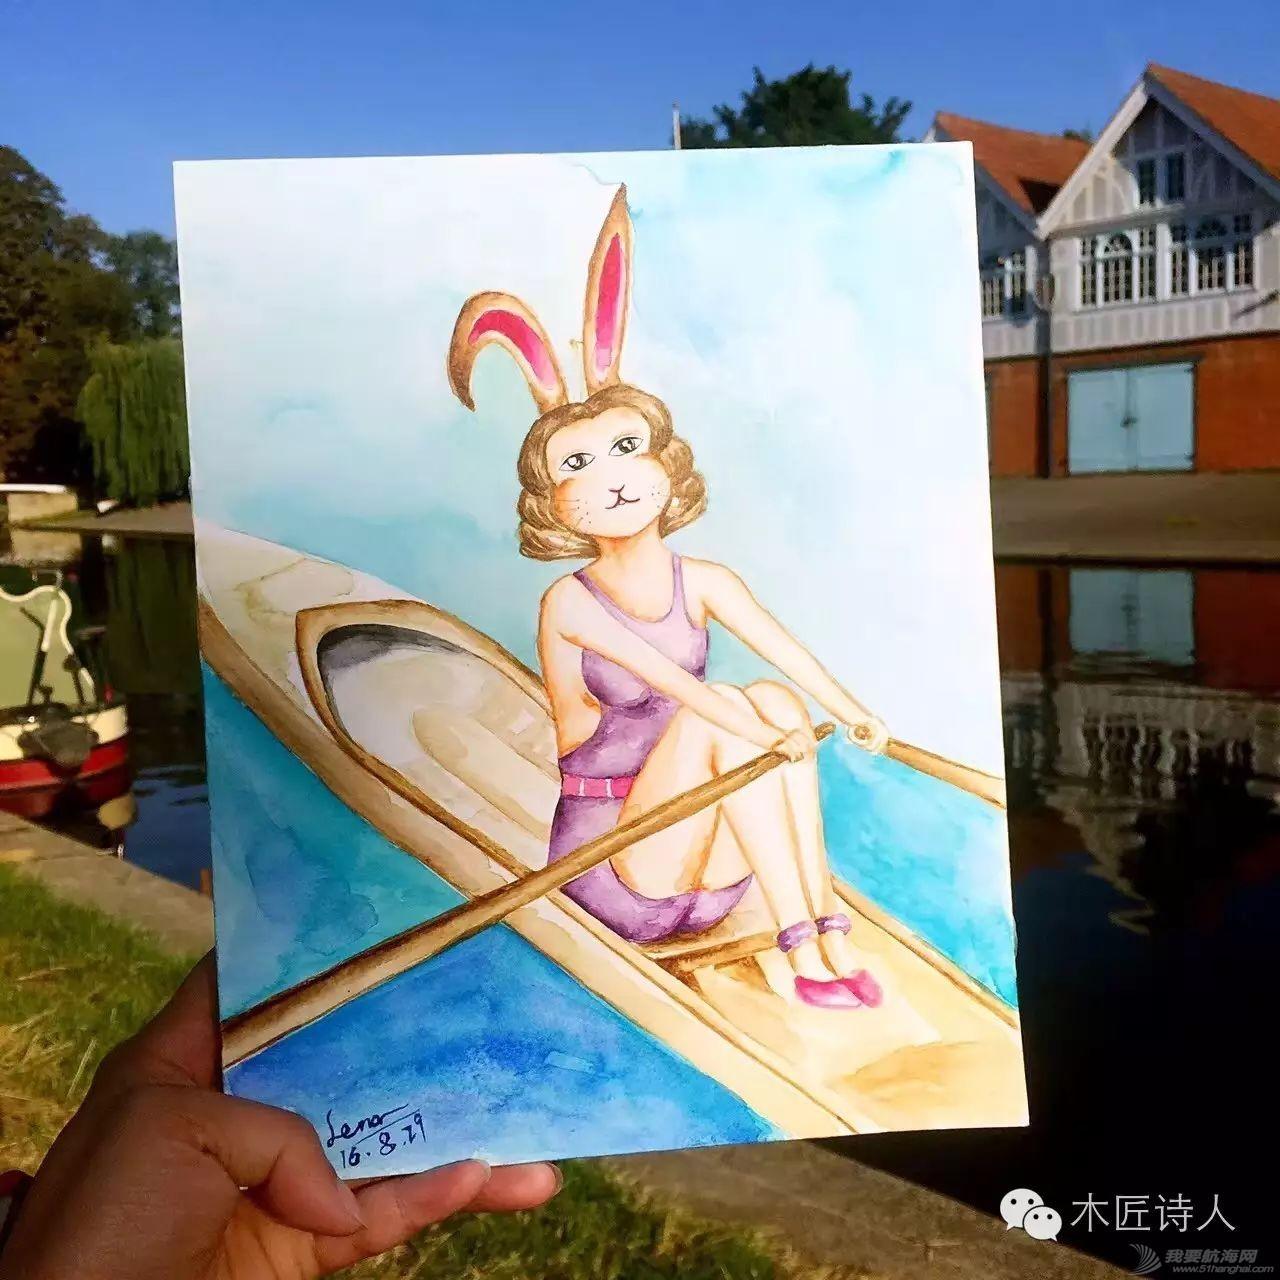 伦敦游艇圈女画家Lena Luo 马奈 莫奈 雷诺瓦 下一个谁会在海上w1.jpg